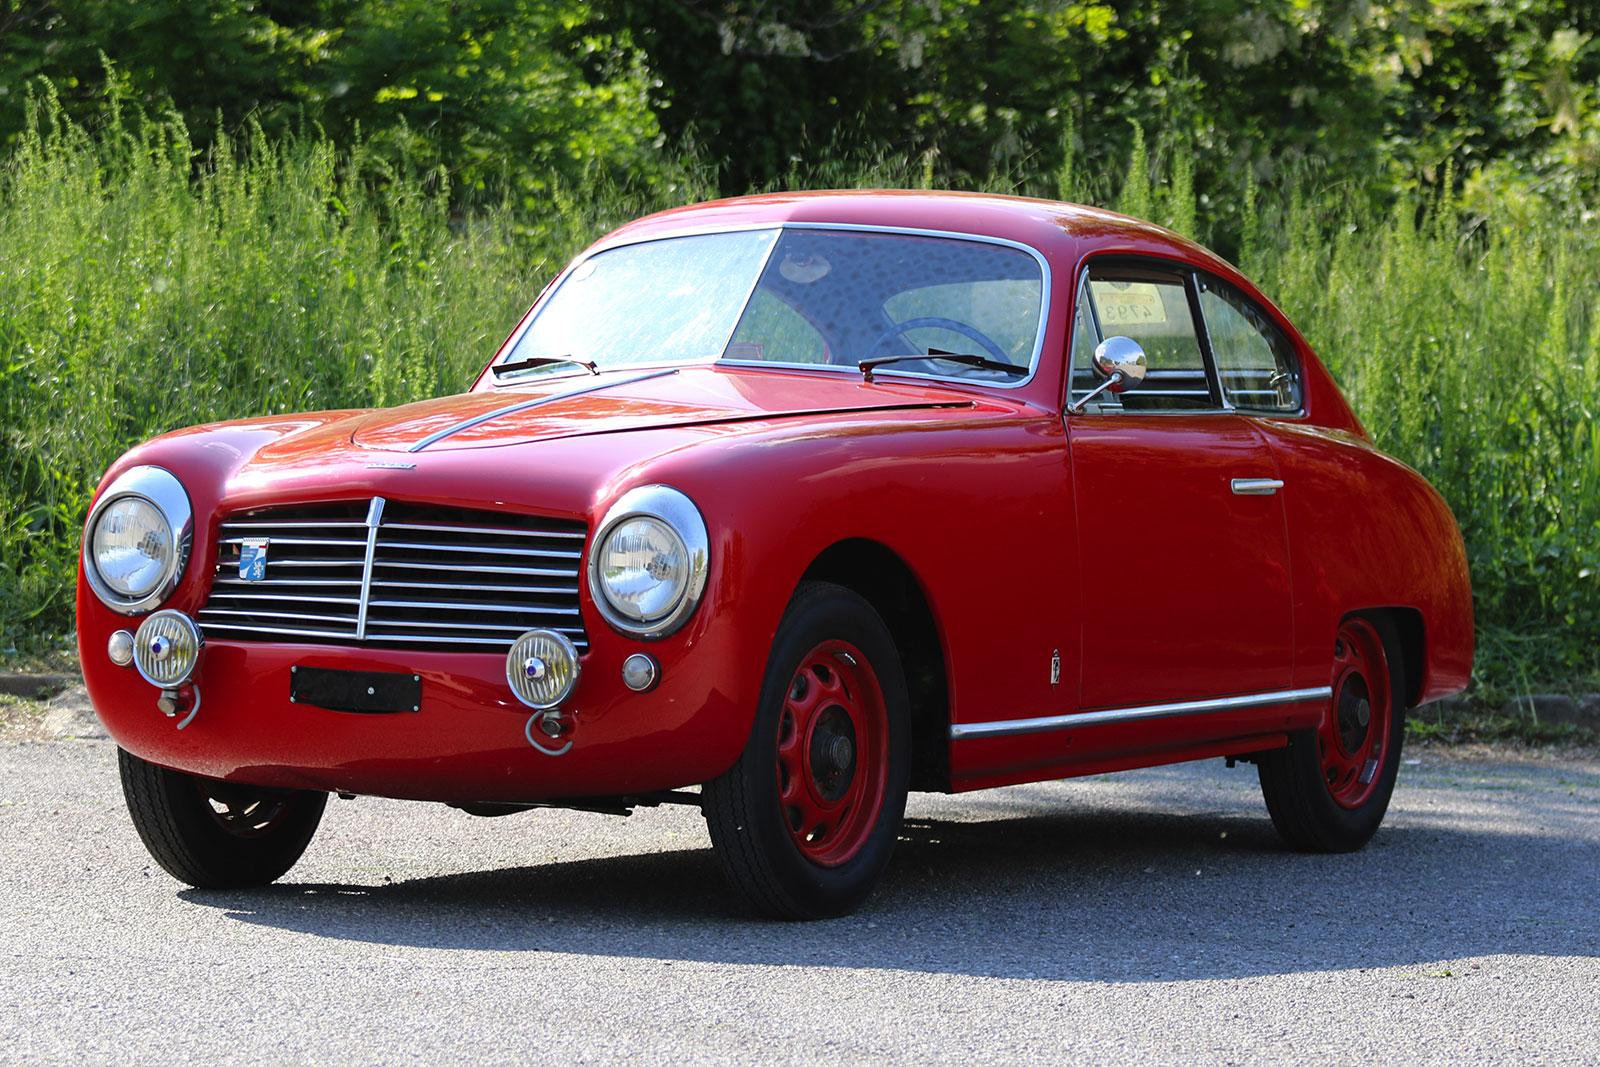 Fiat 1100 S Berlinetta (Pinin Farina), chassis no. 500336, del 1949